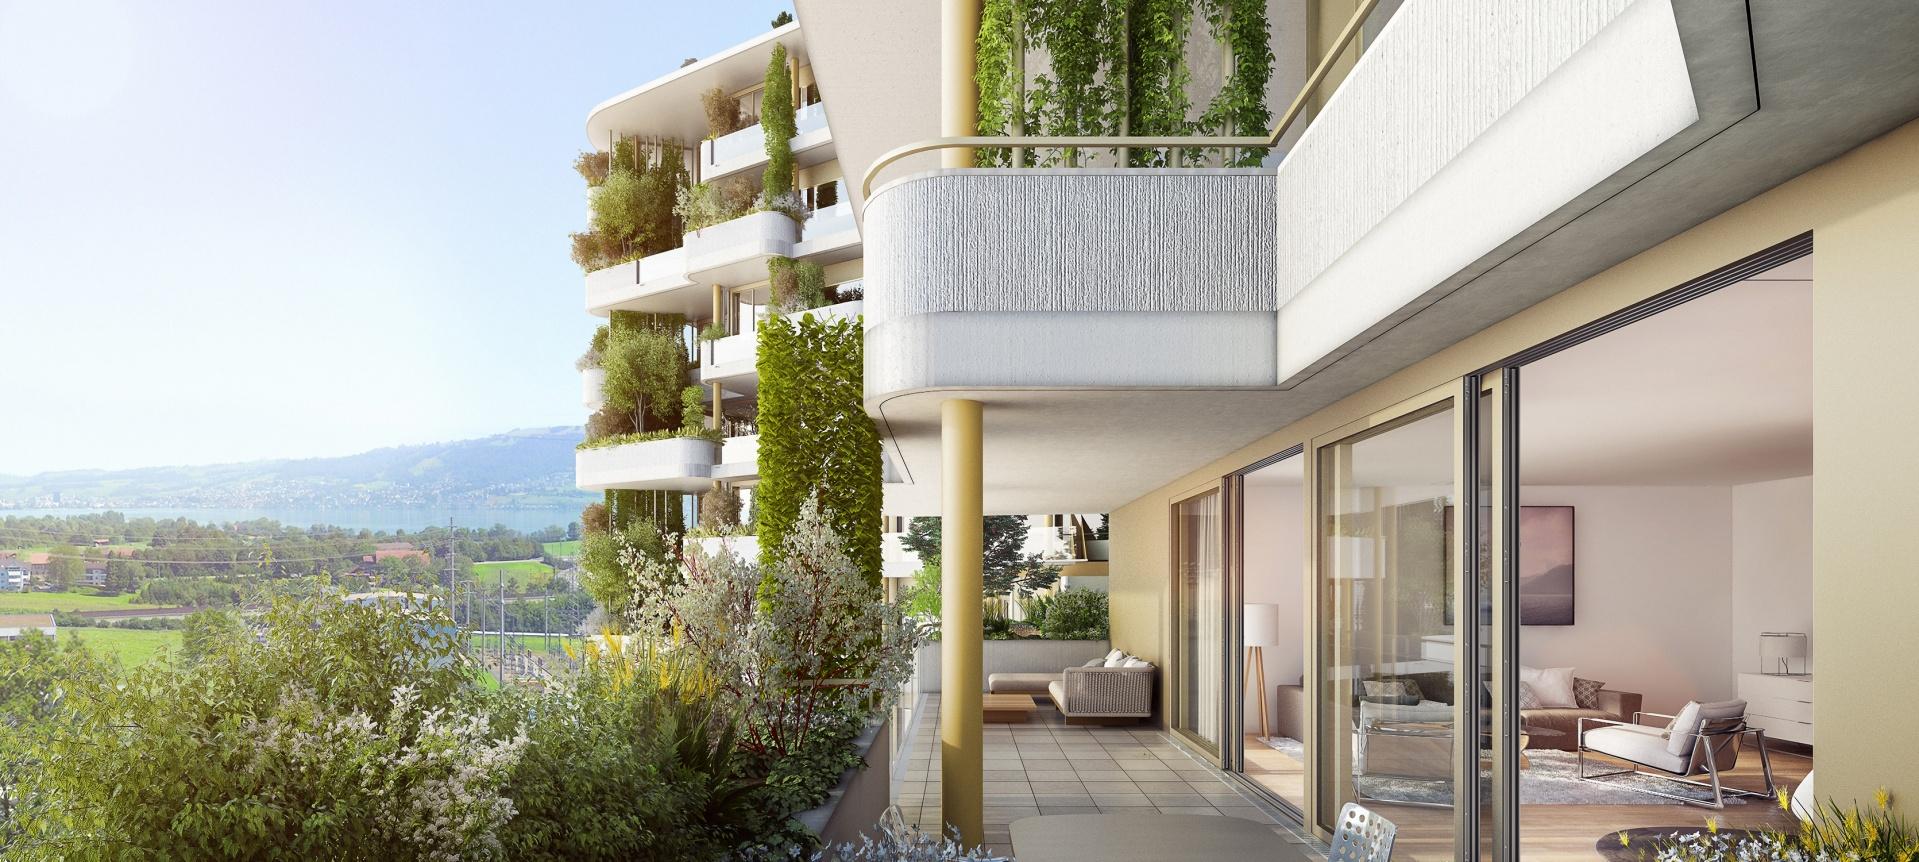 Auussicht Wohnungsbalkon © Raumgleiter GmbH, Pfingstweidstrasse 106, 8005 Zürich